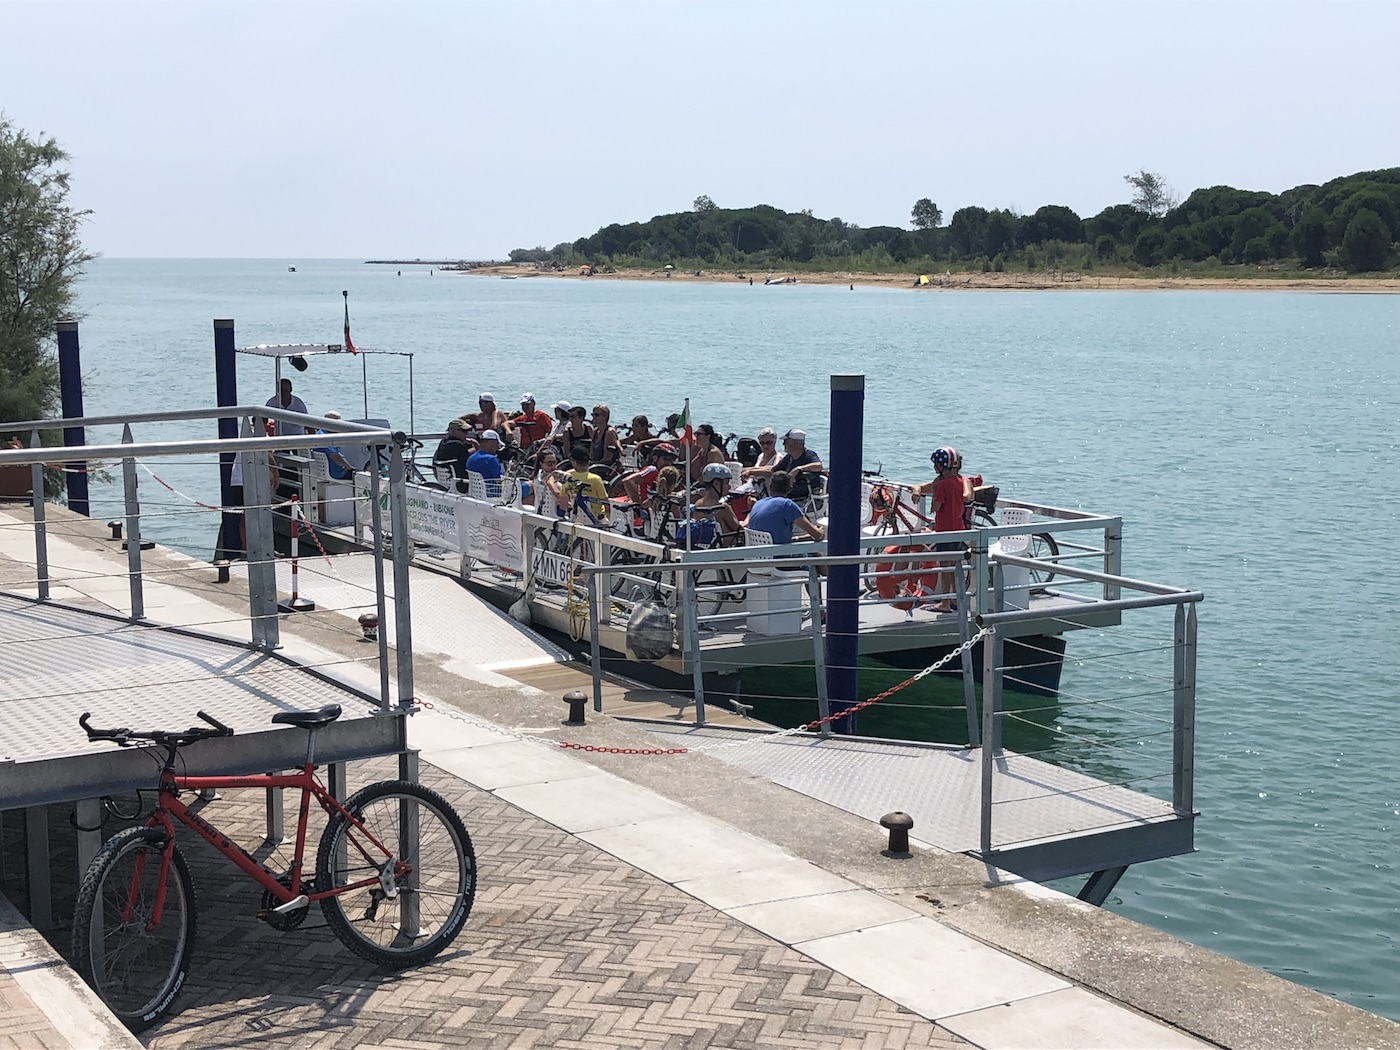 L'X River, il traghetto per ciclisti che collega la sponda friulana a quella veneta del fiume Tagliamento